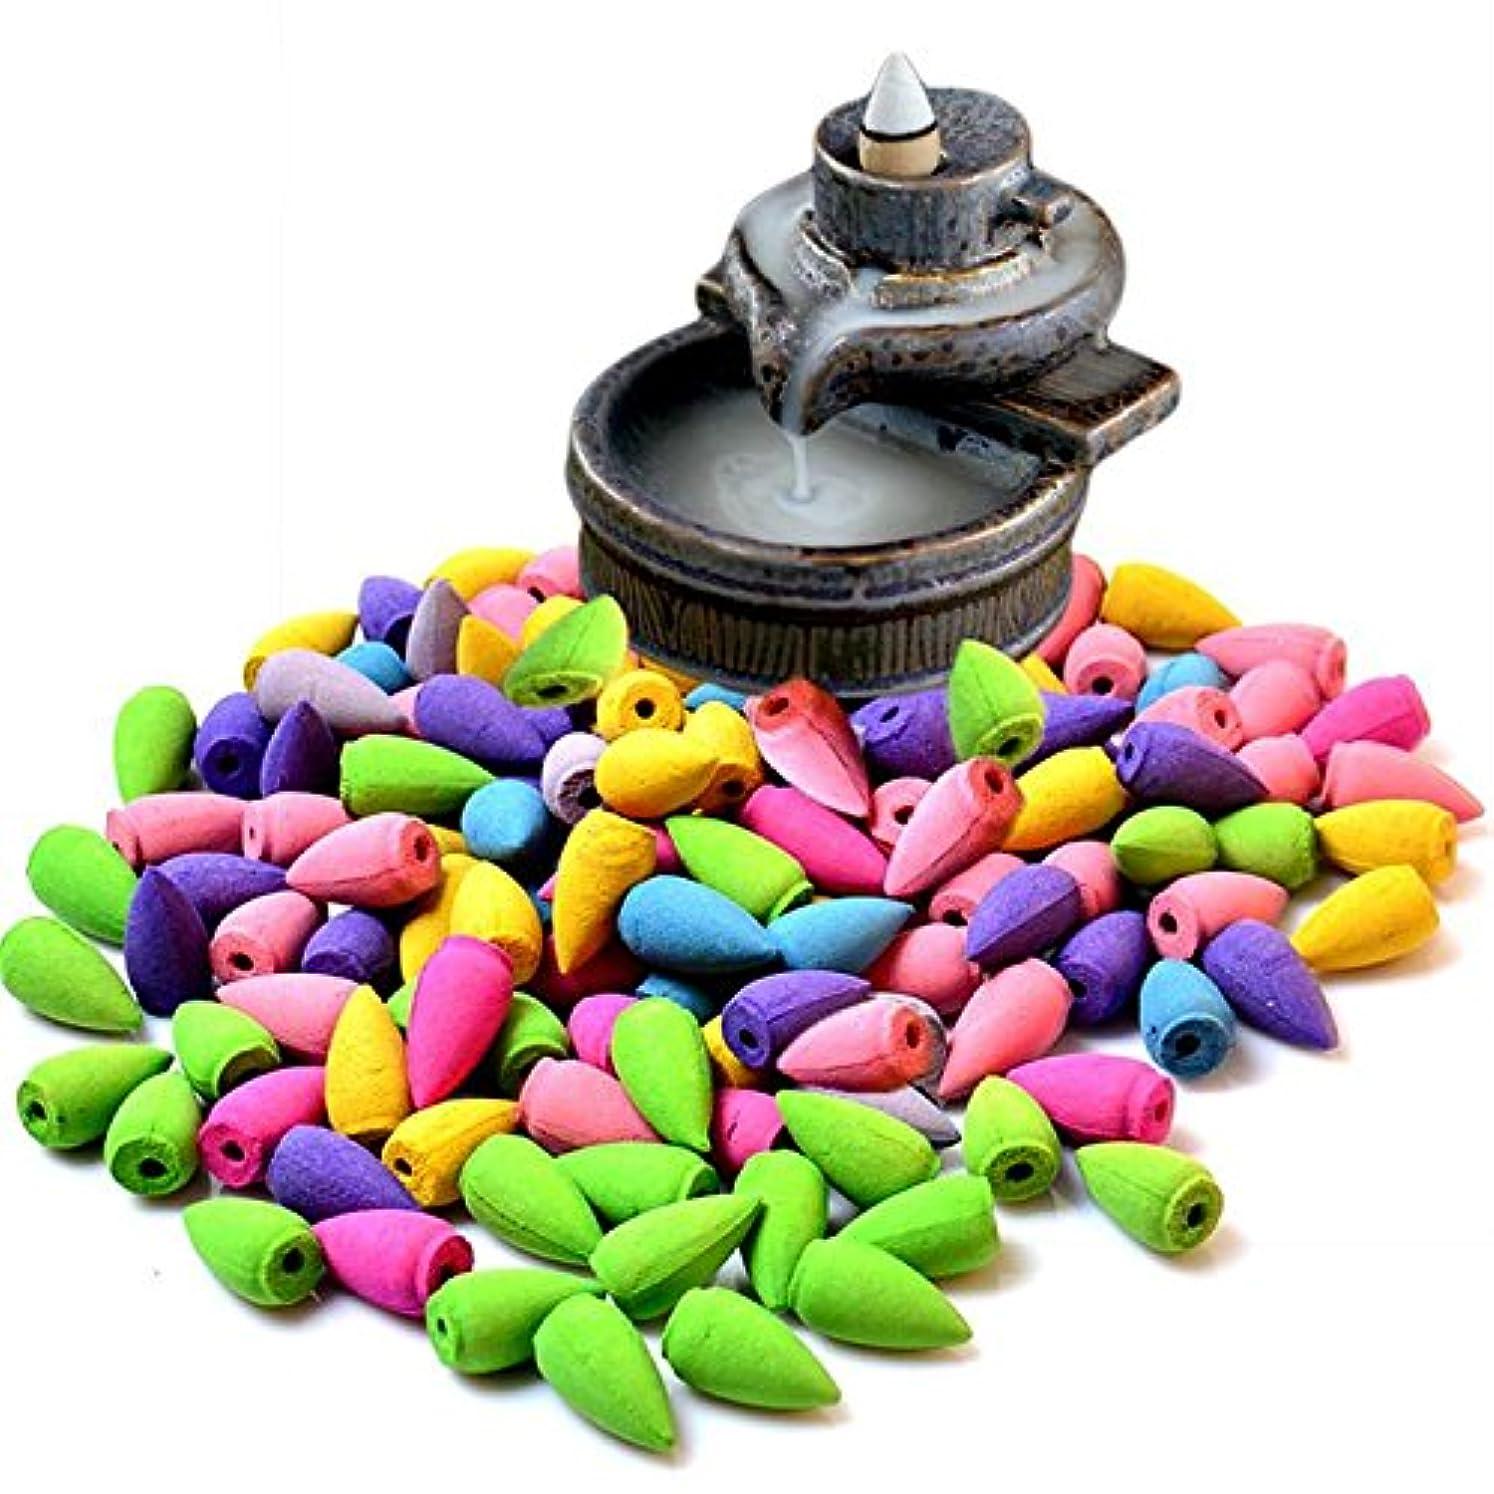 倫理的コミュニケーション一部ECYC Rerro  陶器の香炉 室内用バックフローつり香炉 アロマセラピー用の香立て  収集可能 B01LC3EI7O